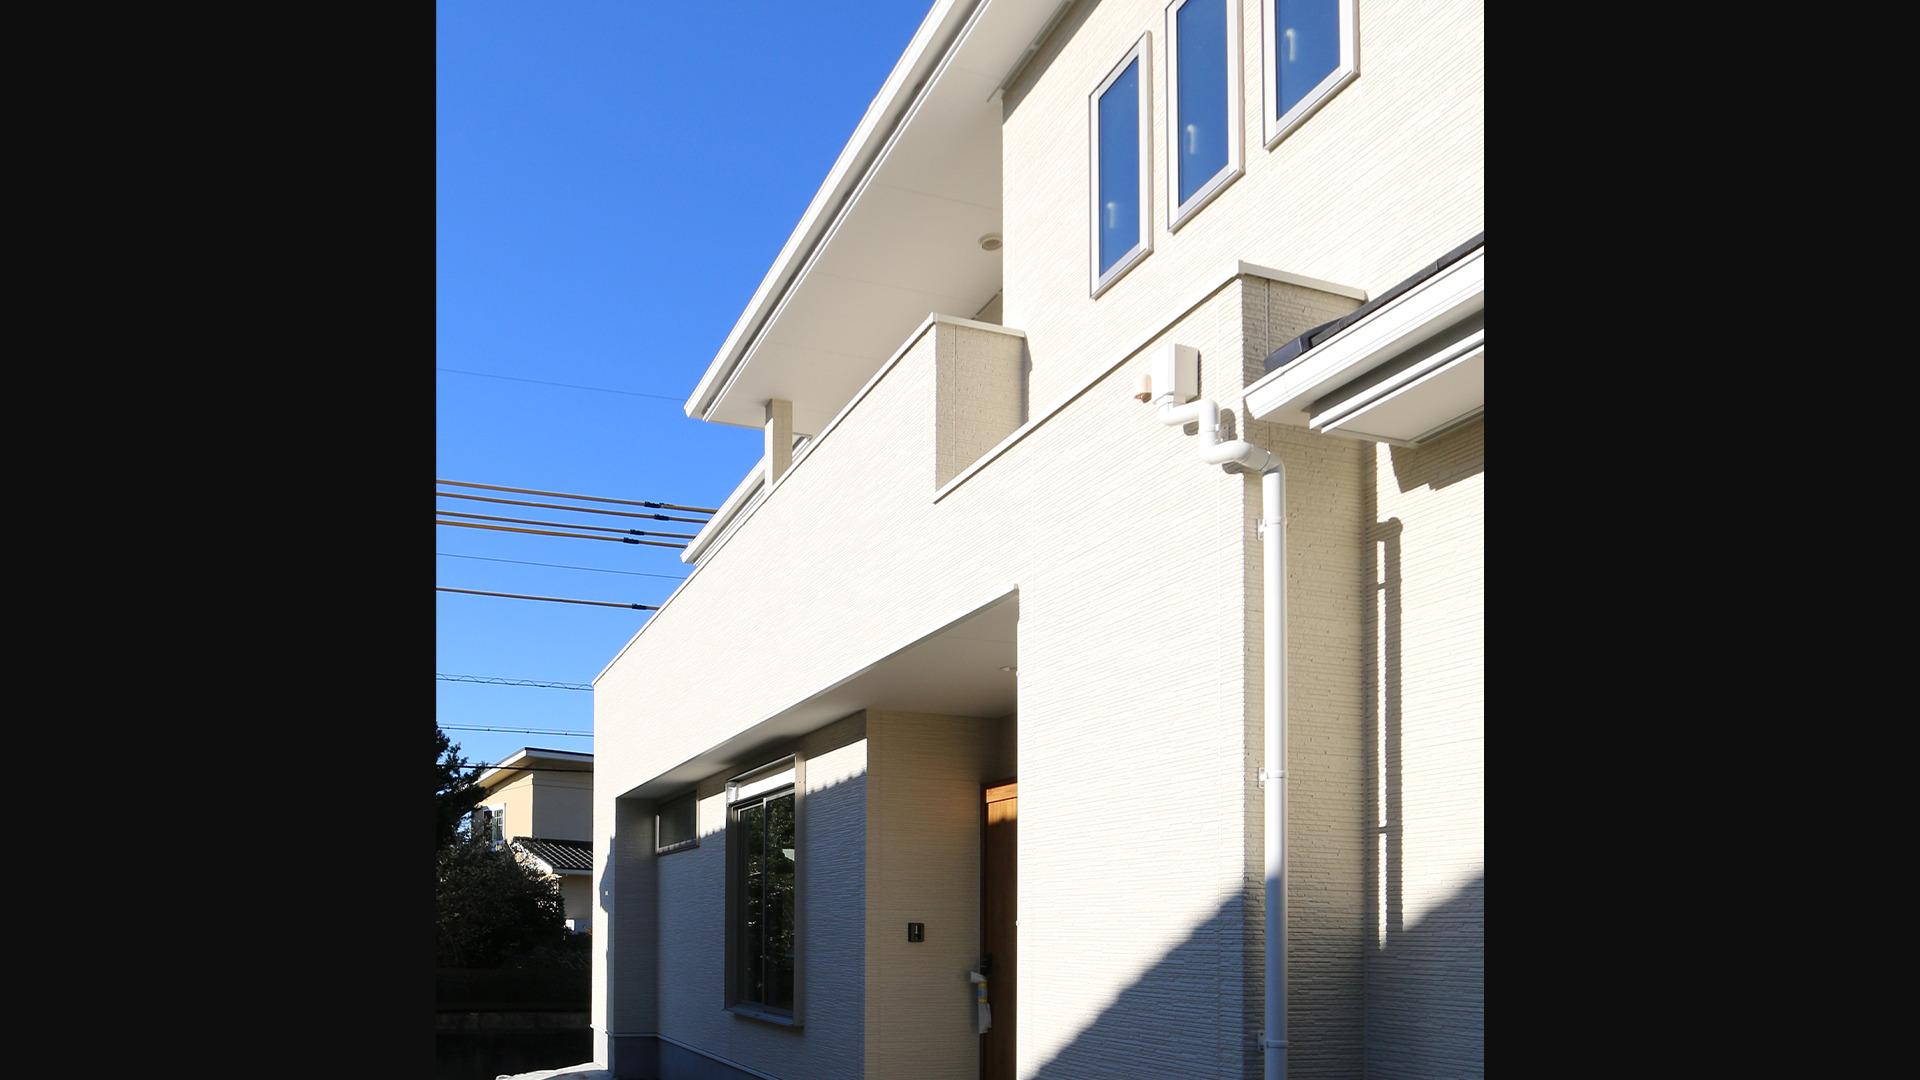 湖西市の柴田建築企画。レンタルリースのリビングの画像。